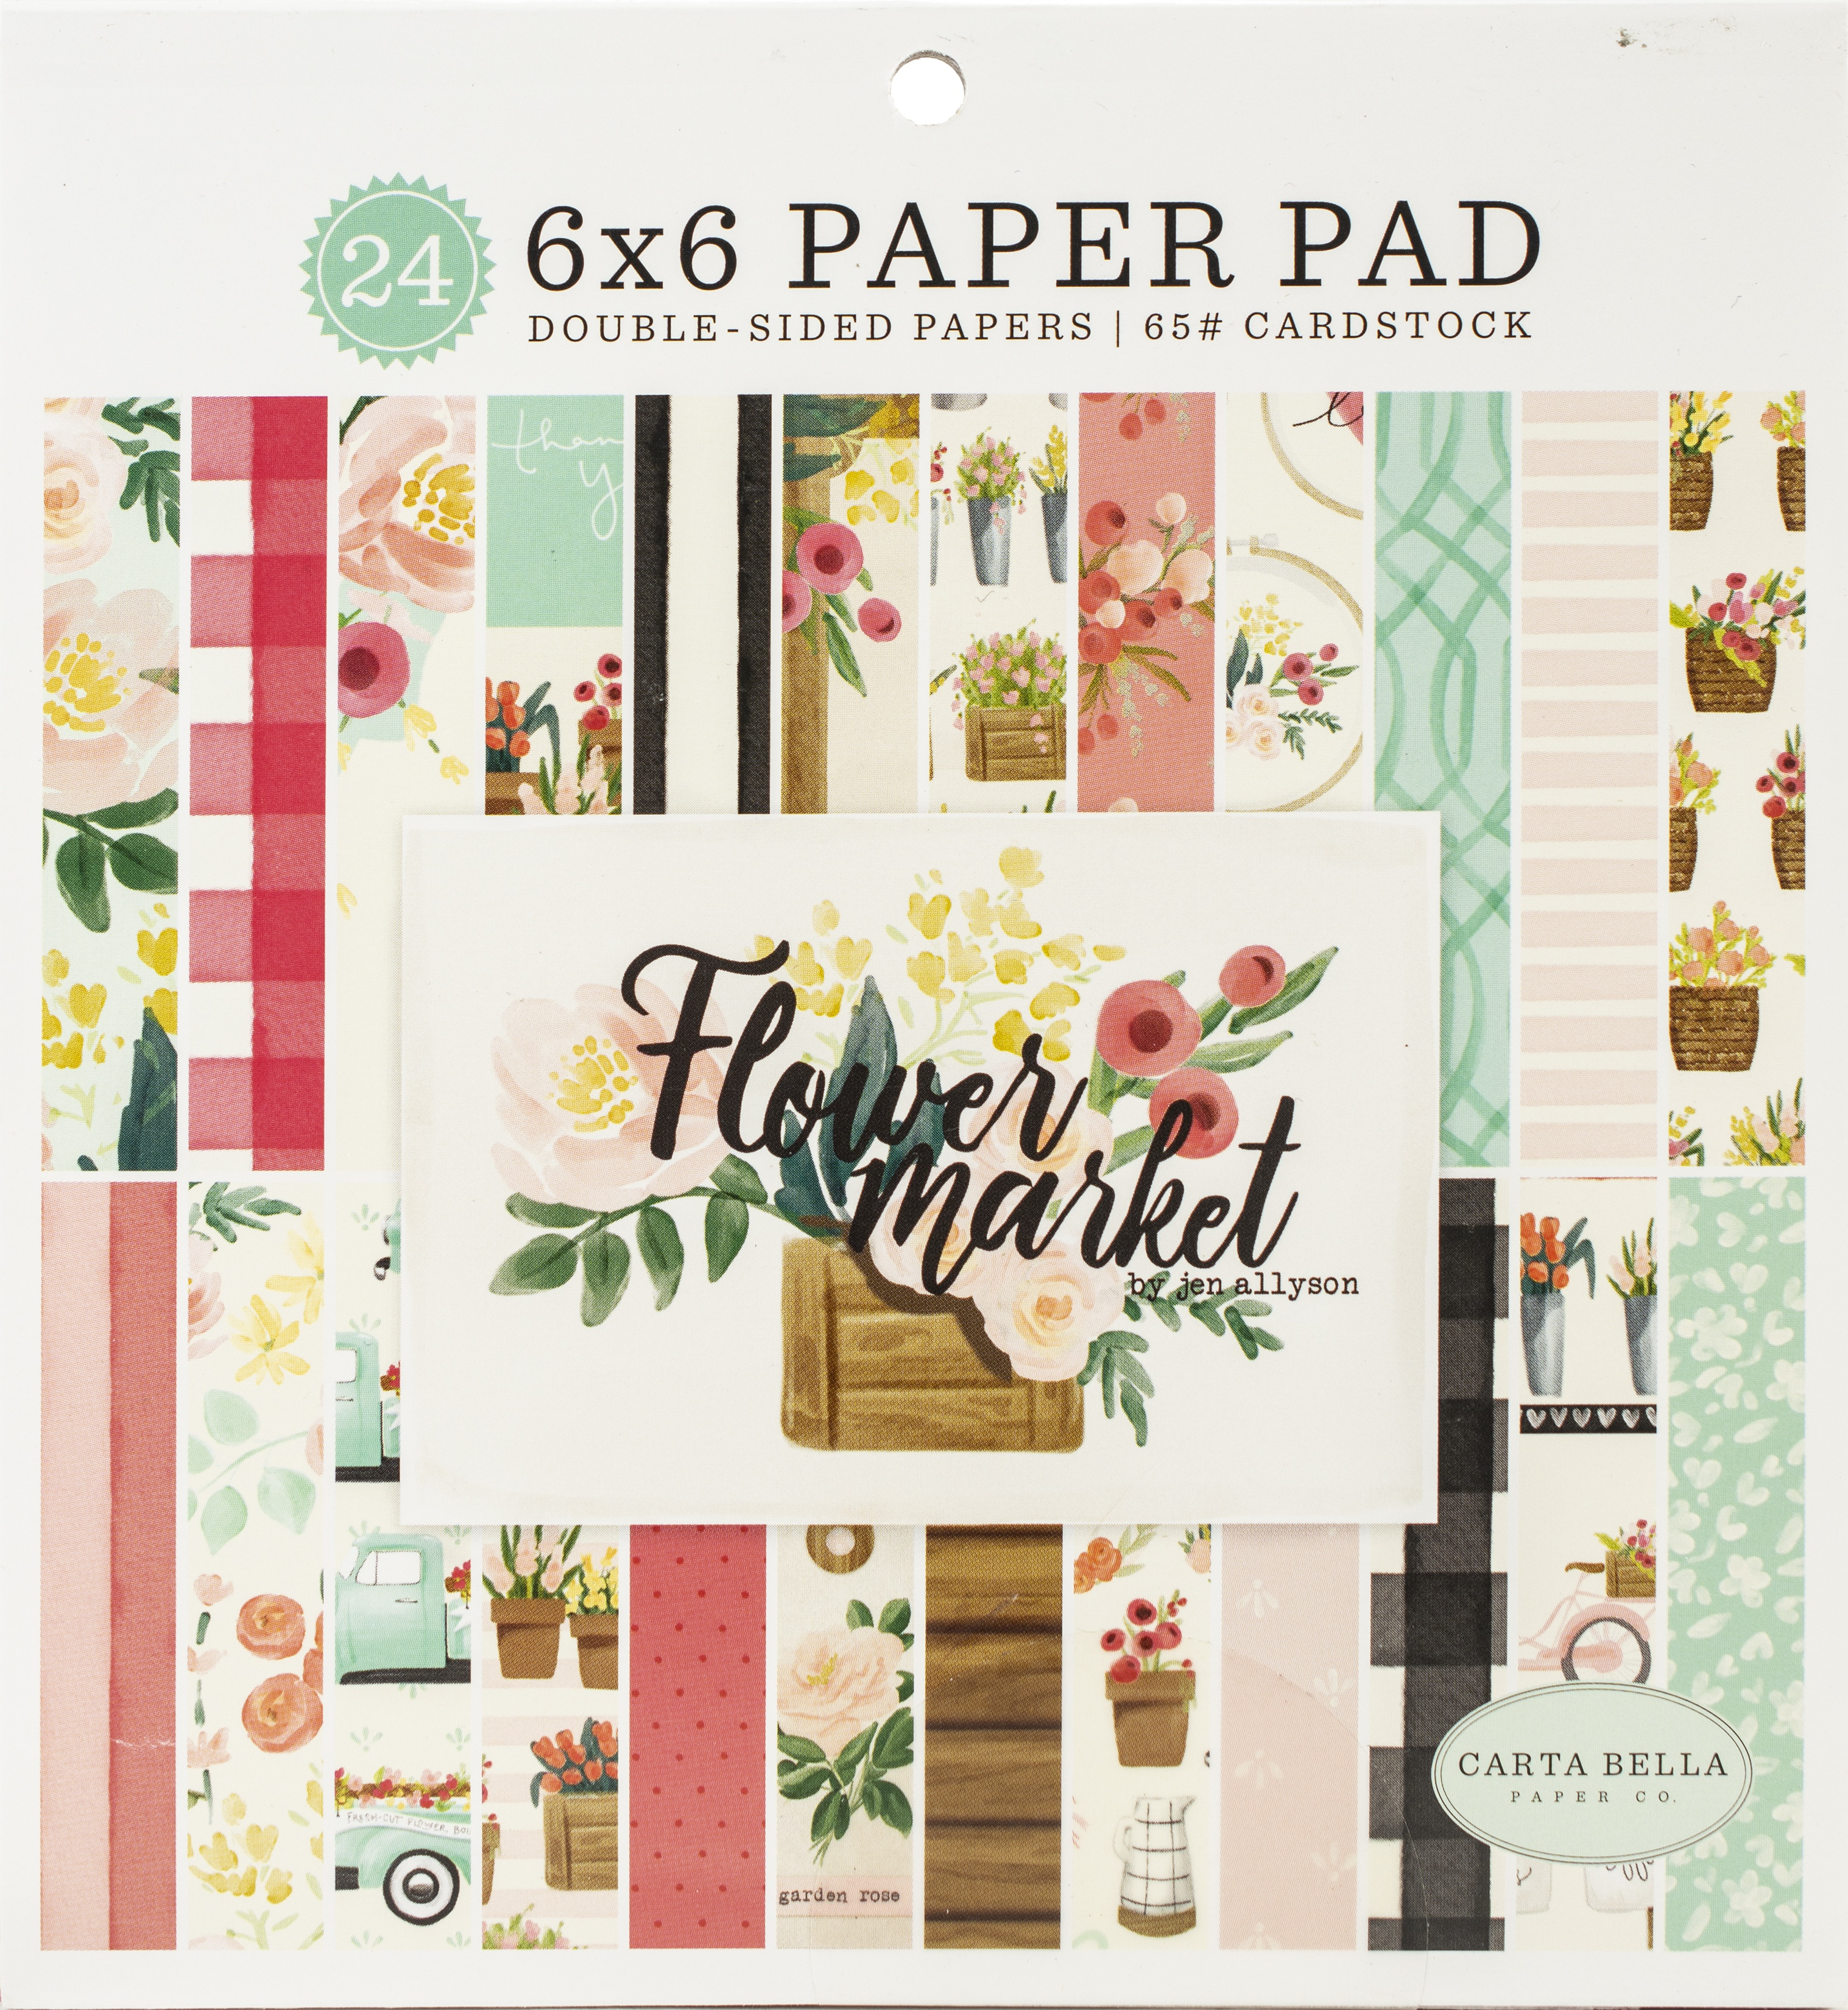 Carta Bella Flower Market - 6x6 Paper Pad